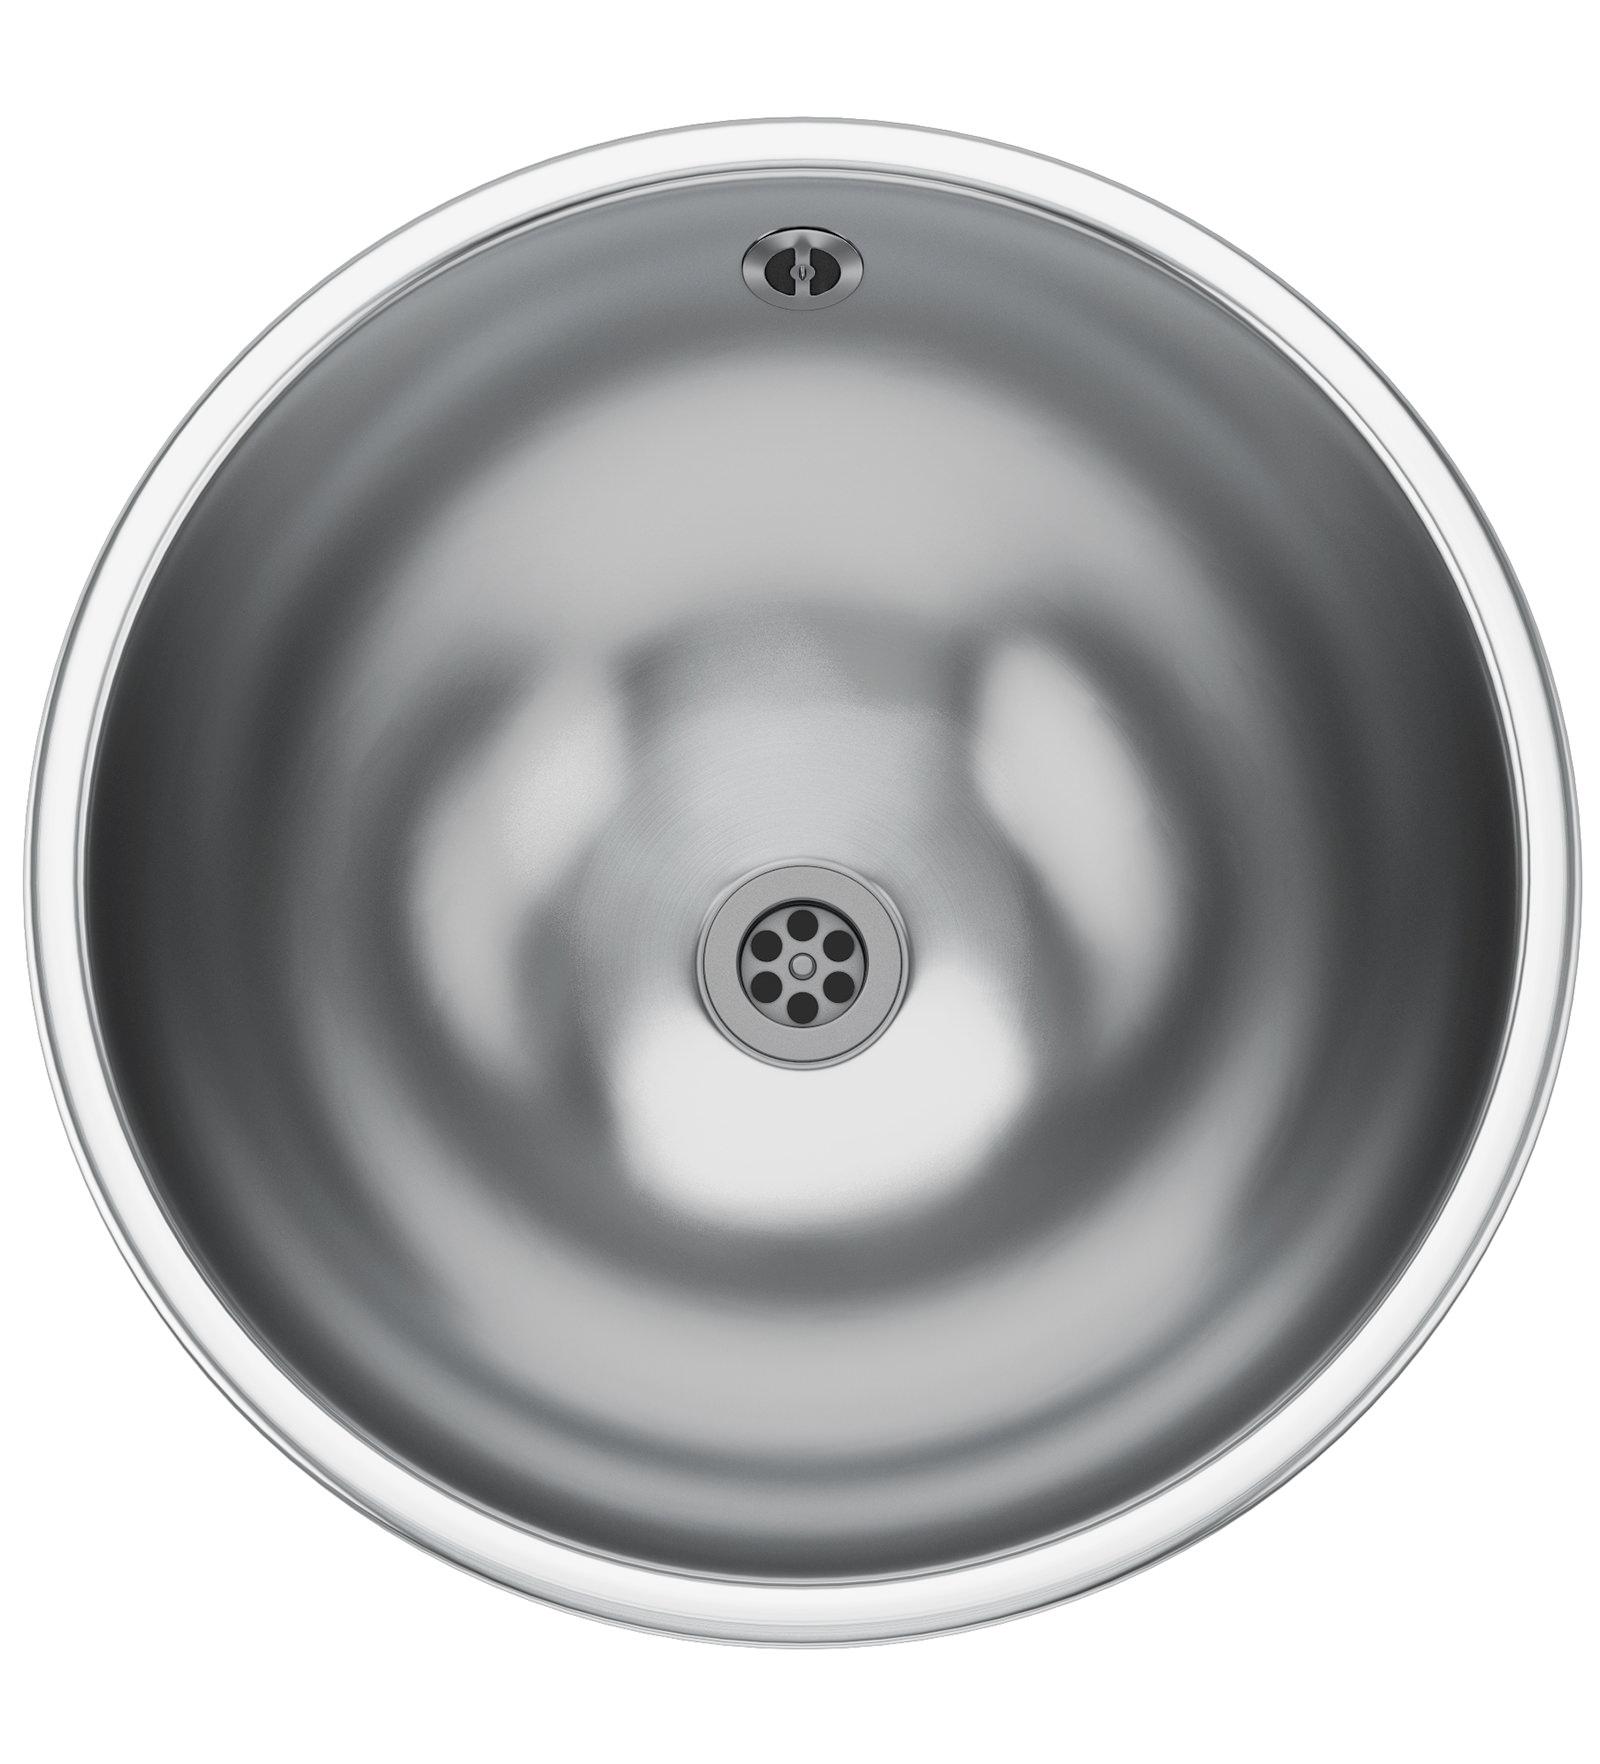 Franke Round Sink : ... sink franke rondo rnx 610 1 0 bowl stainless steel kitchen inset sink